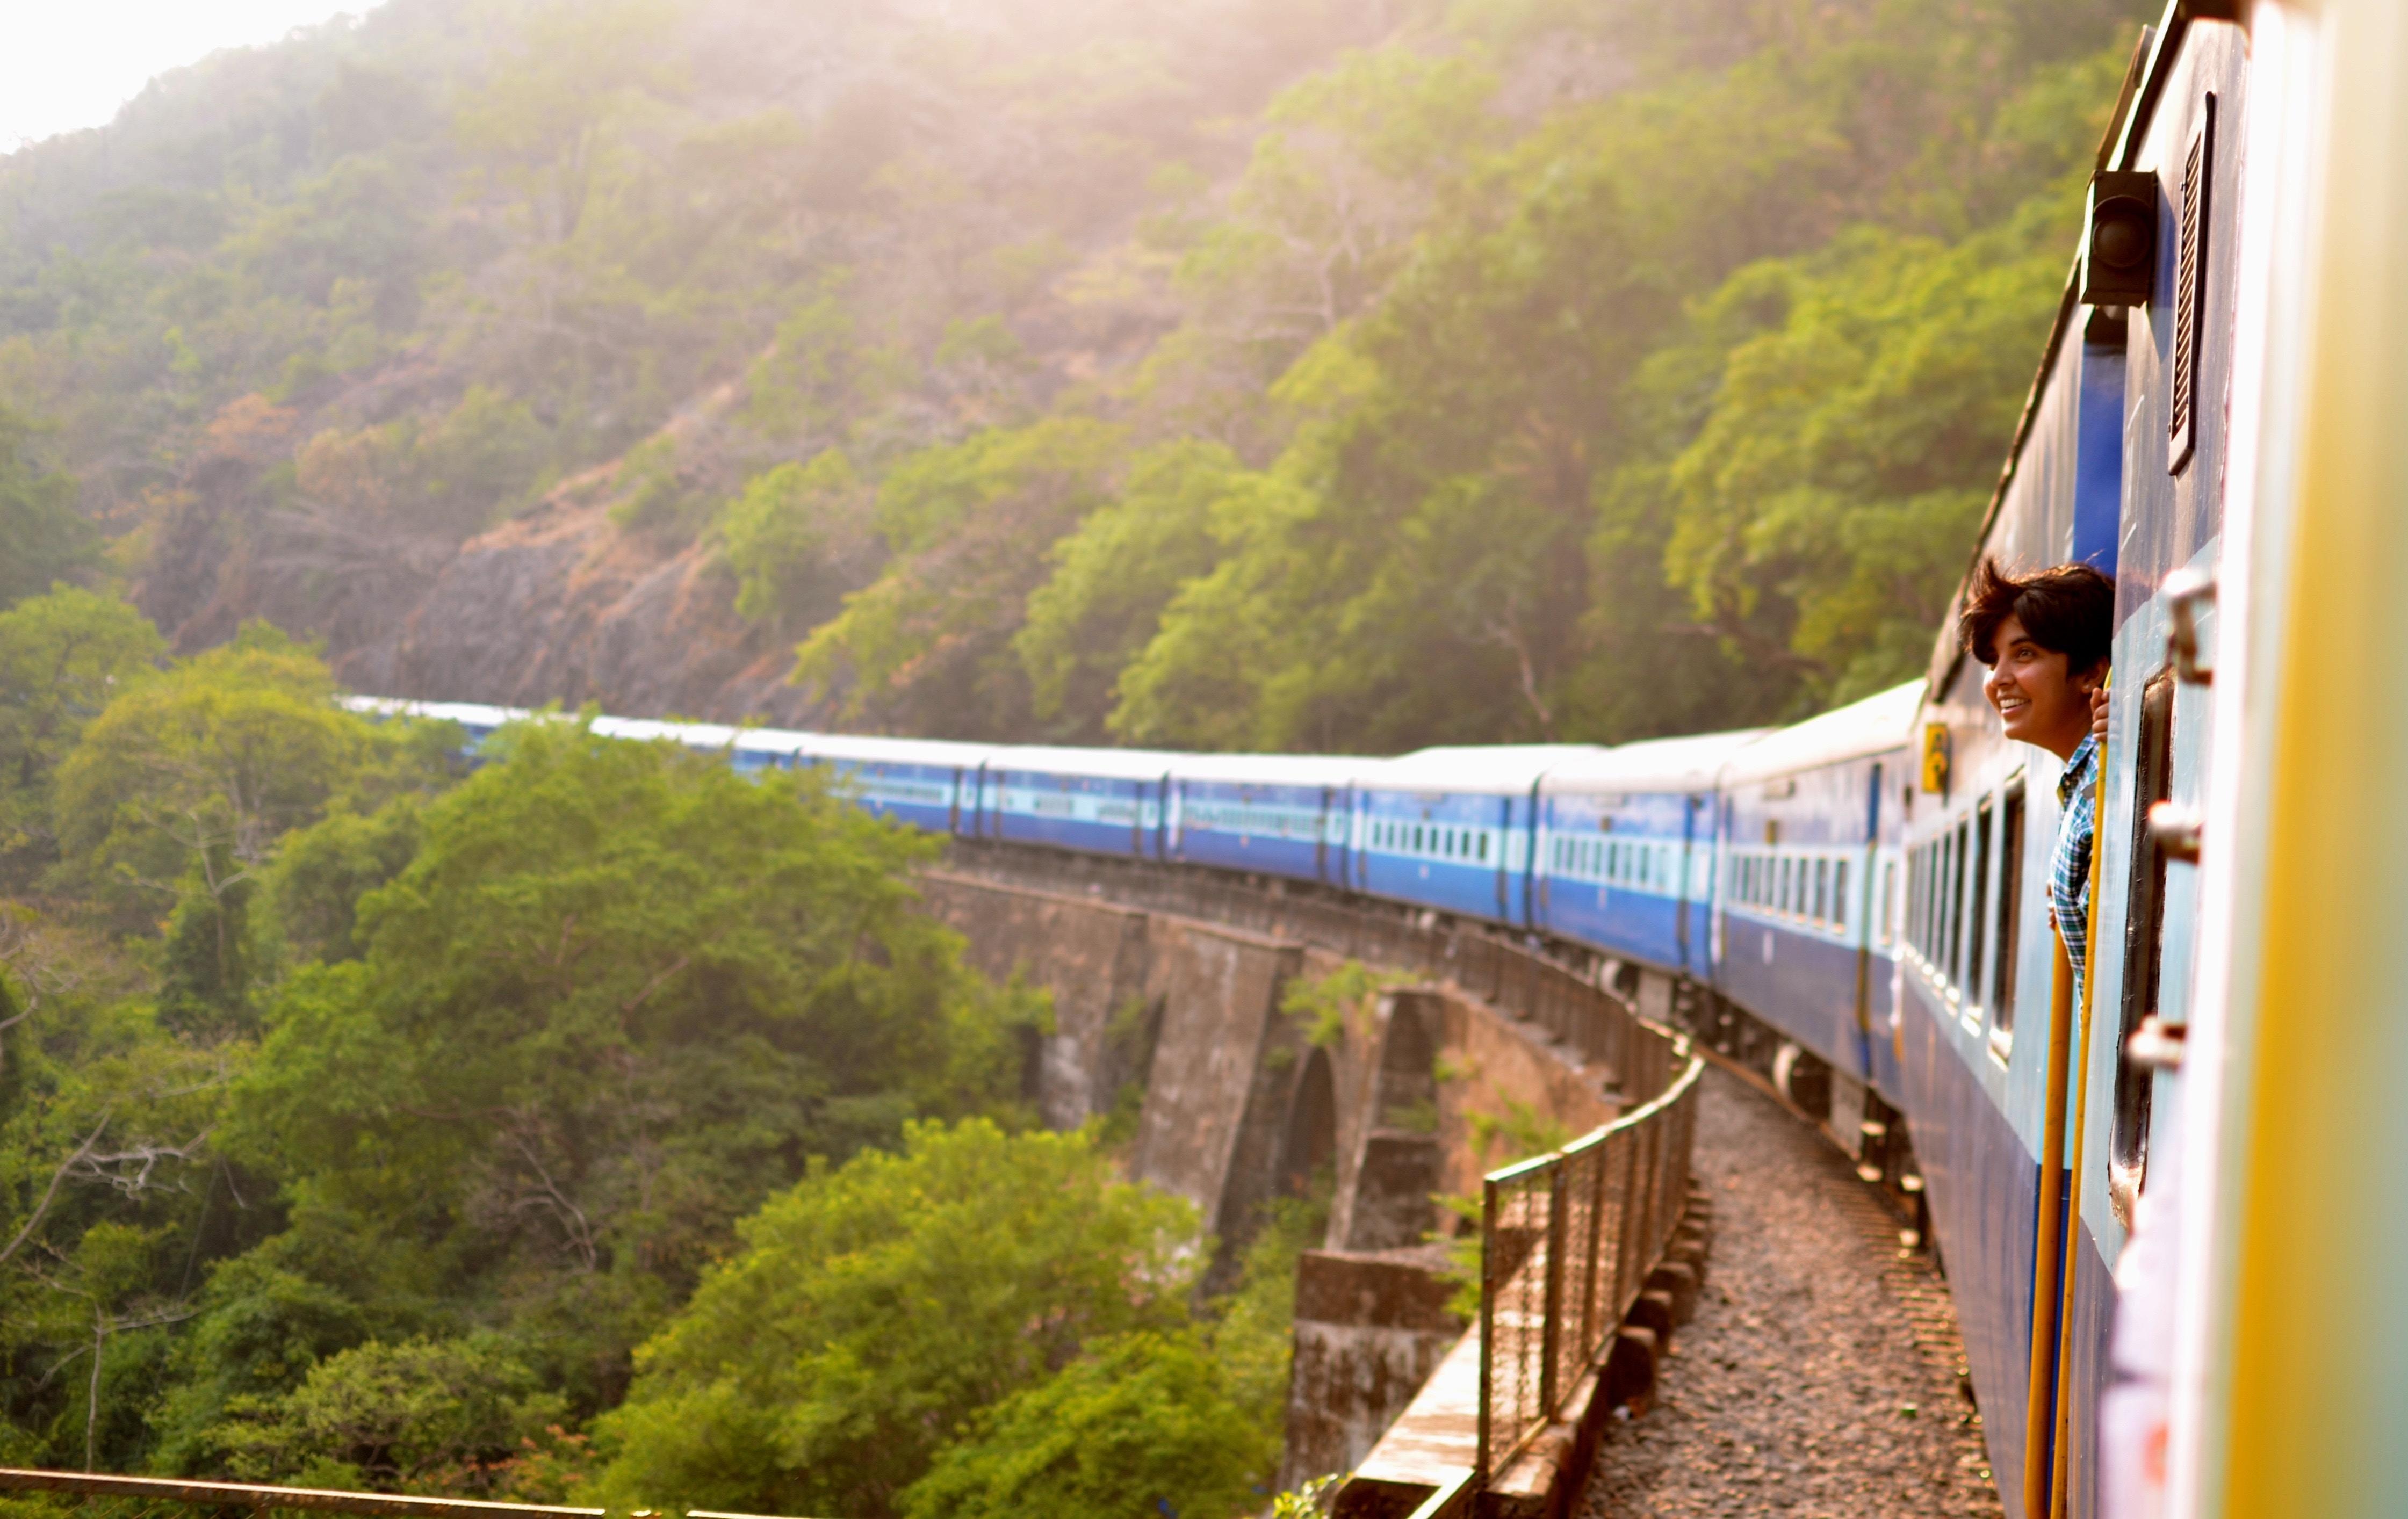 Treno e carpooling sono alcune delle migliori opzioni di viaggio ecologiche.